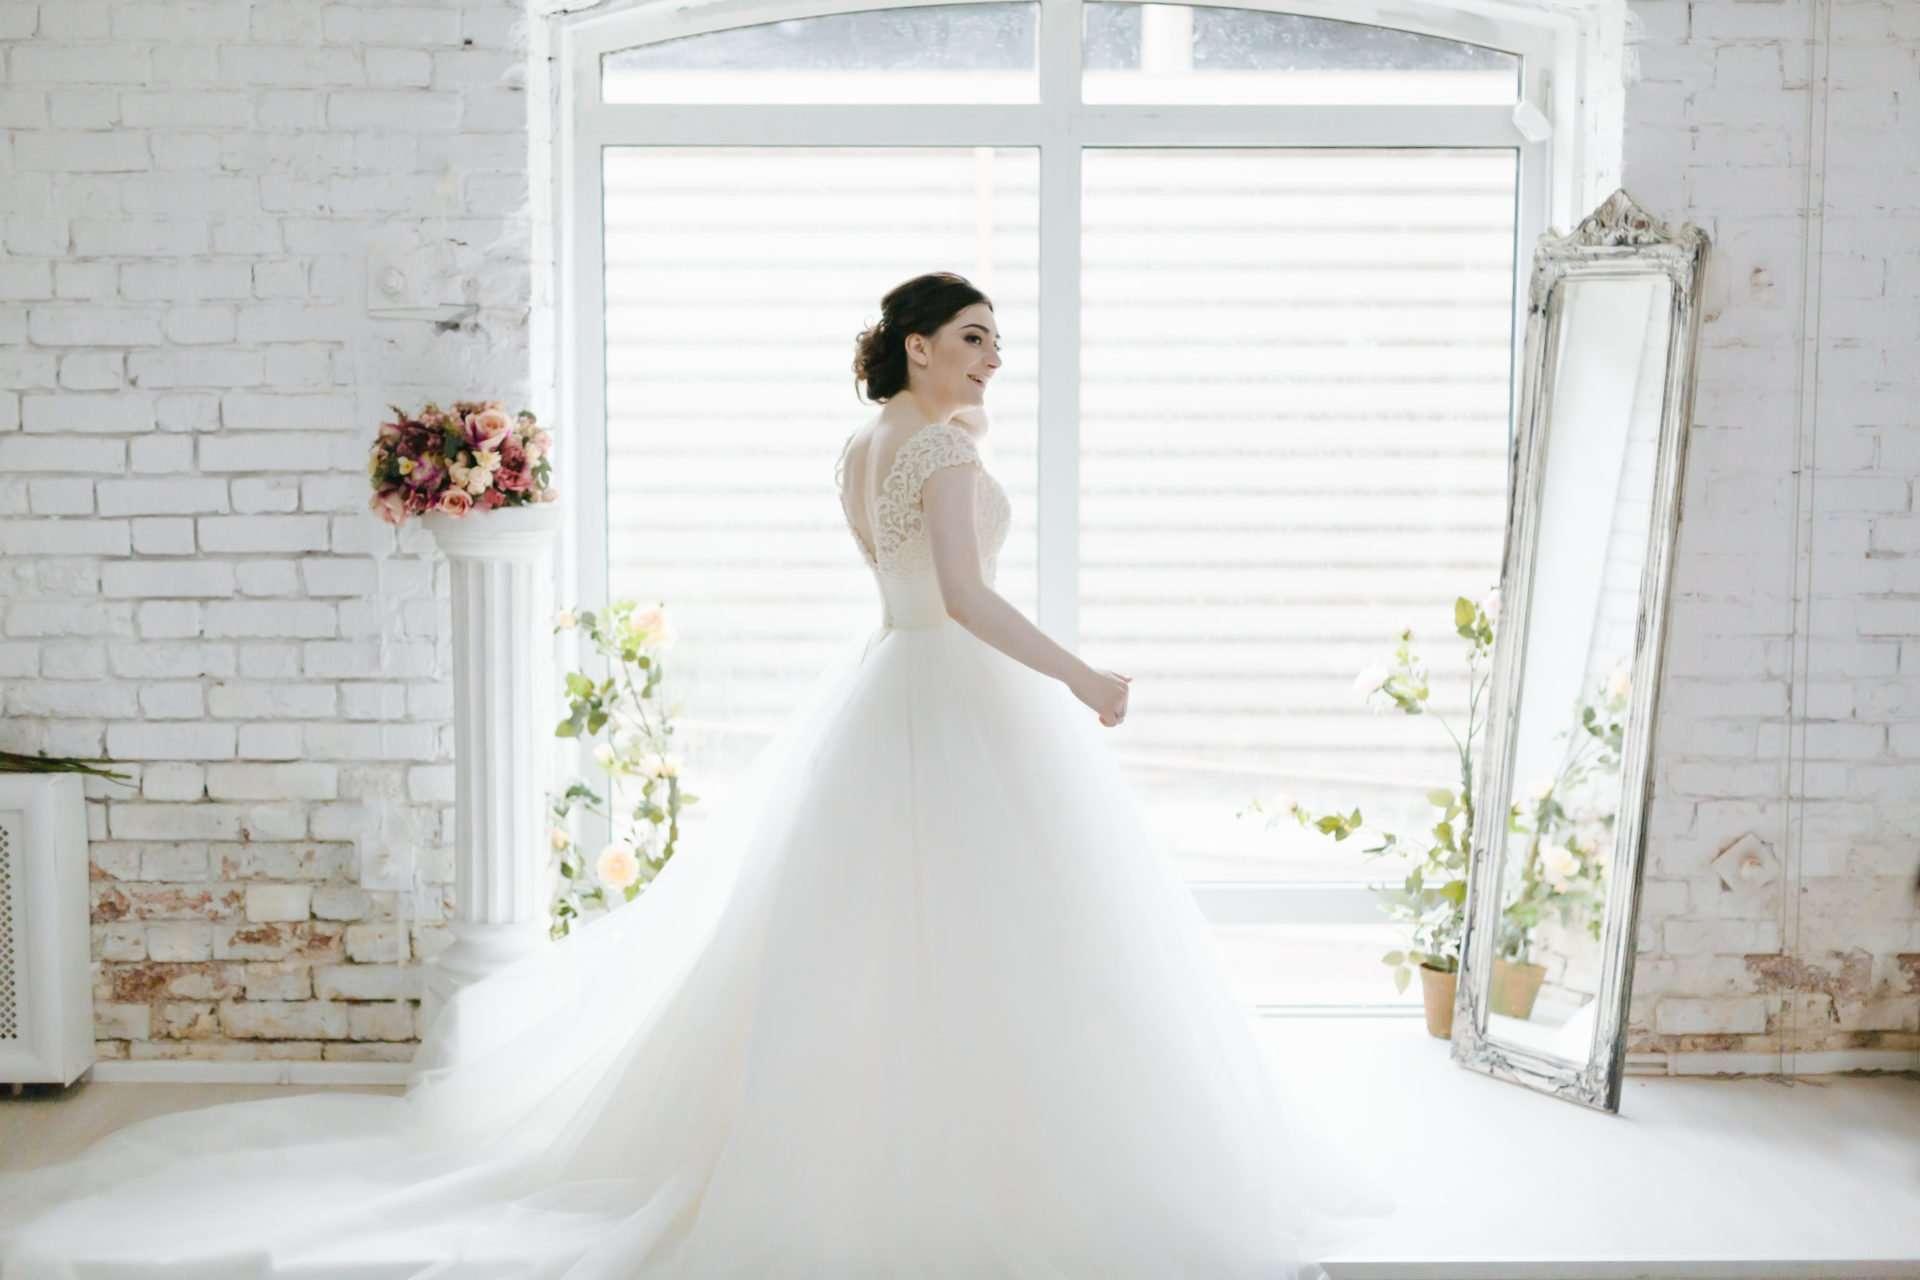 Какой должна быть свадебная фотосессия – аксессуары, идеи, позы, наряды для гостей и молодоженов?